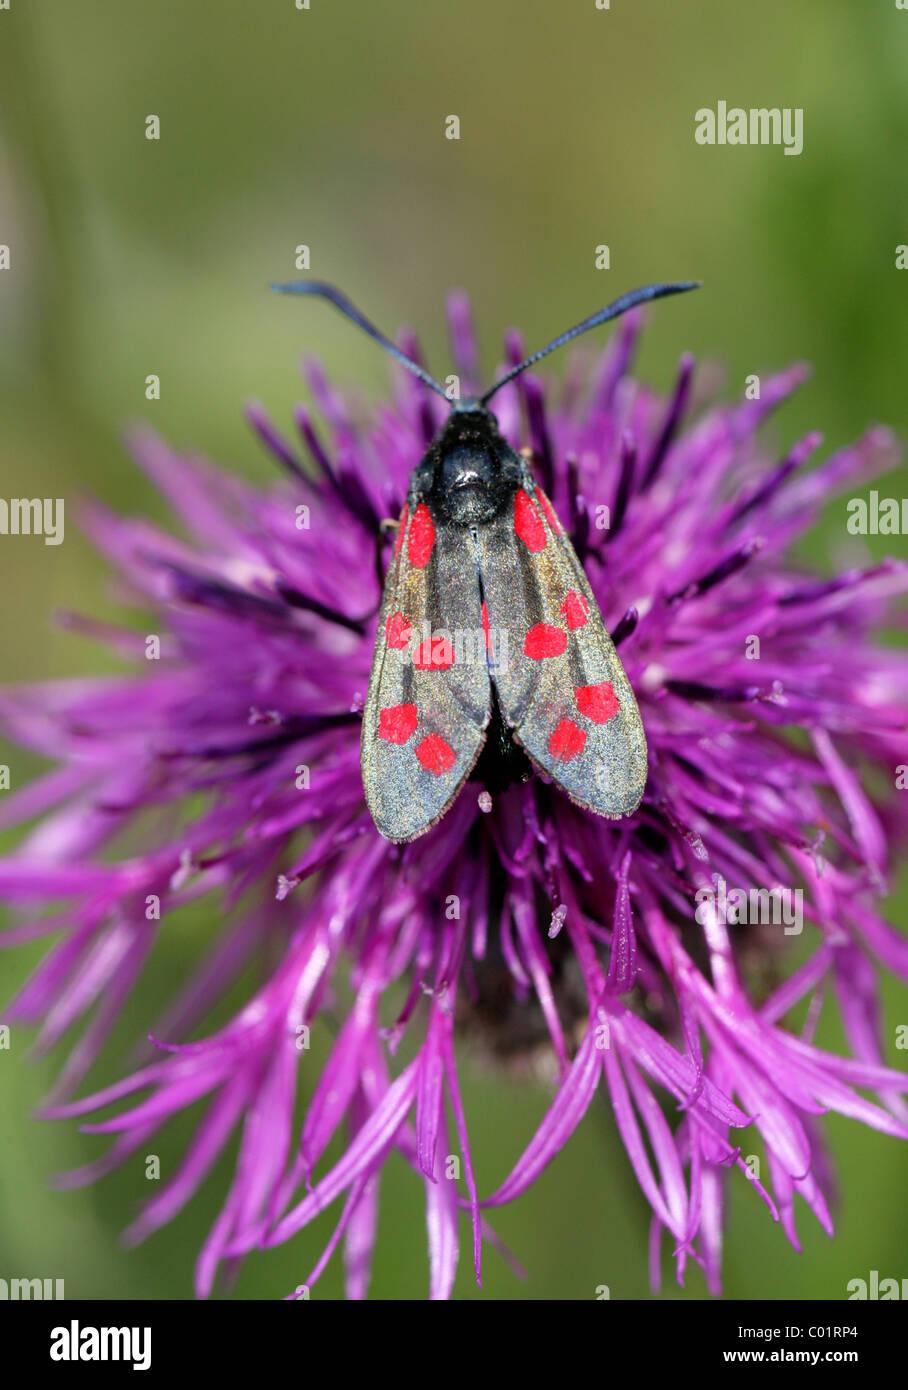 Spot 6, Zygaena filipendulae Burnett, des Zygaenidae, Lepidoptera, sur une plus grande fleur de centaurée. Banque D'Images